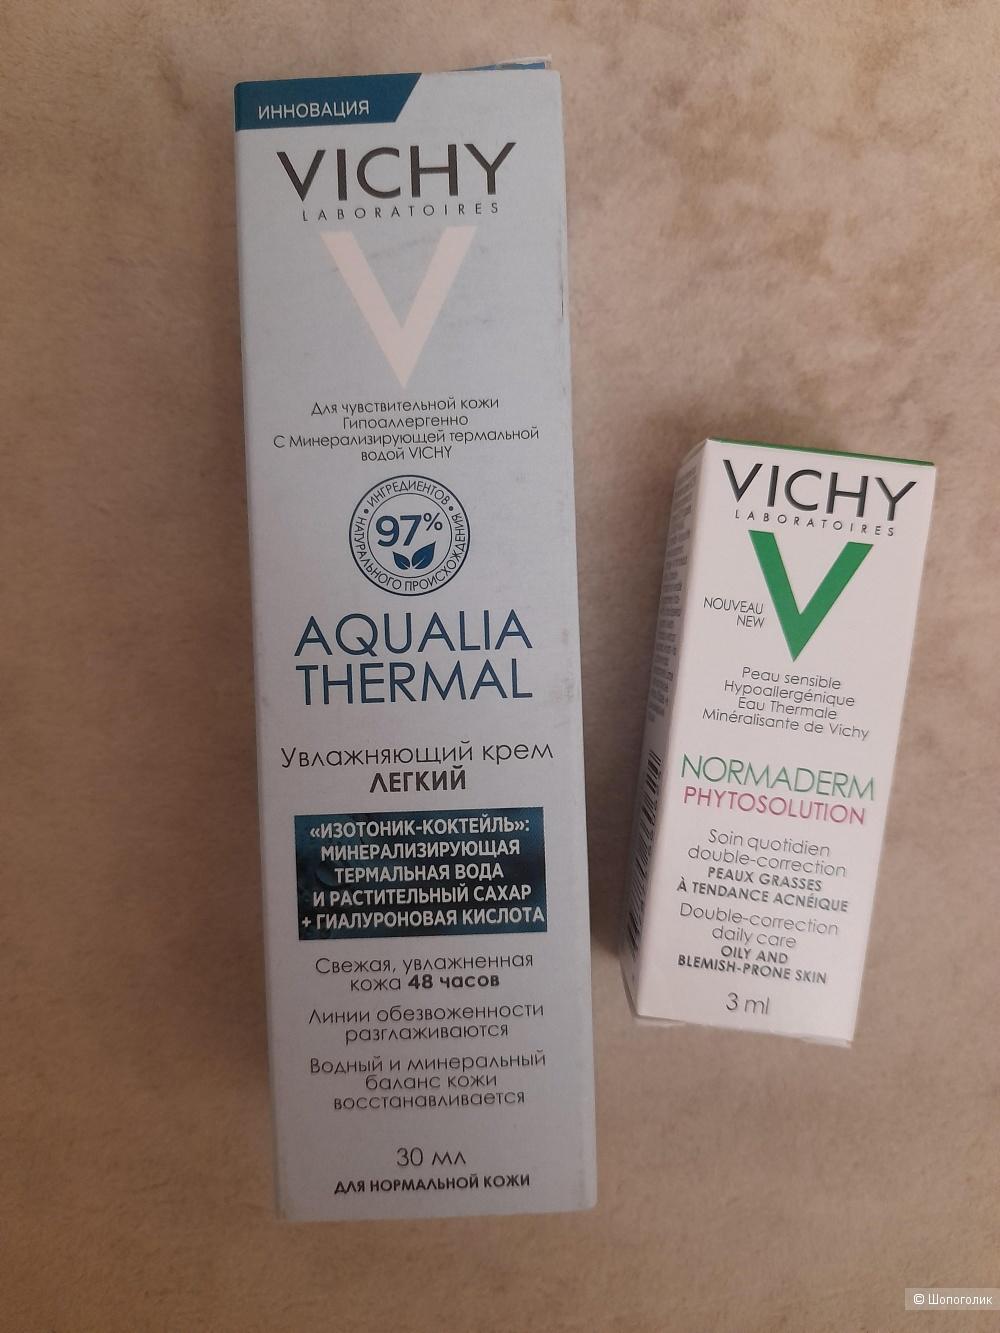 Vichy Aqualia Thermal, 30ml